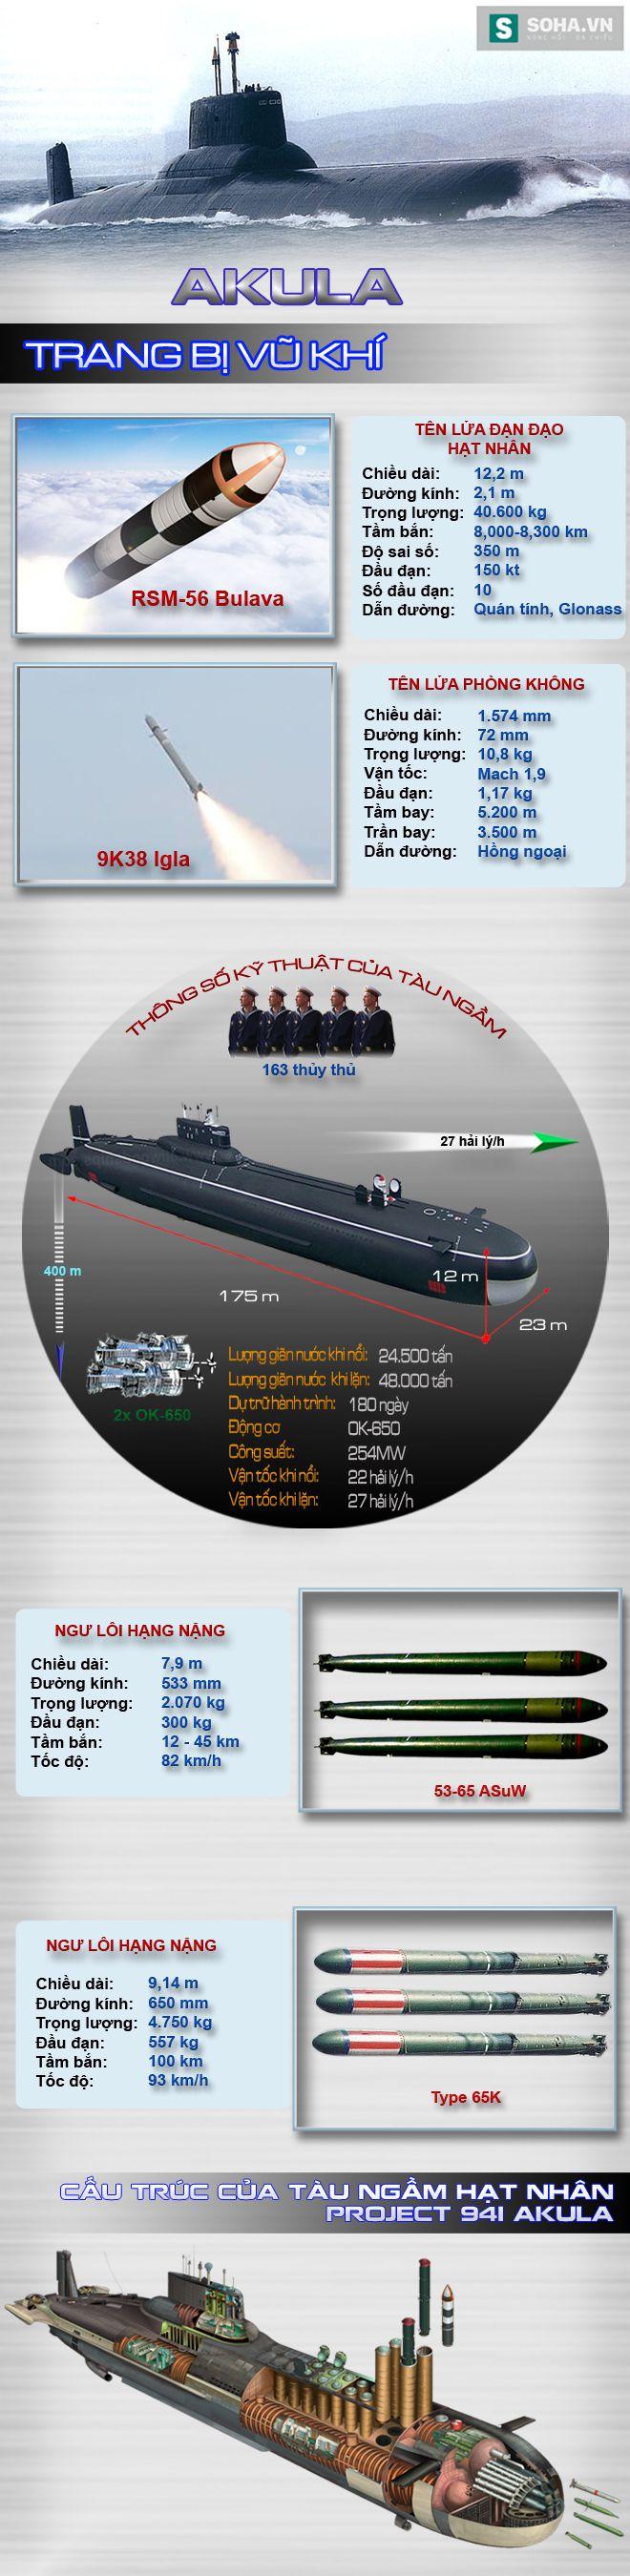 Khám phá sức mạnh tàu ngầm hạt nhân lớn nhất thế giới của Nga - Ảnh 2.